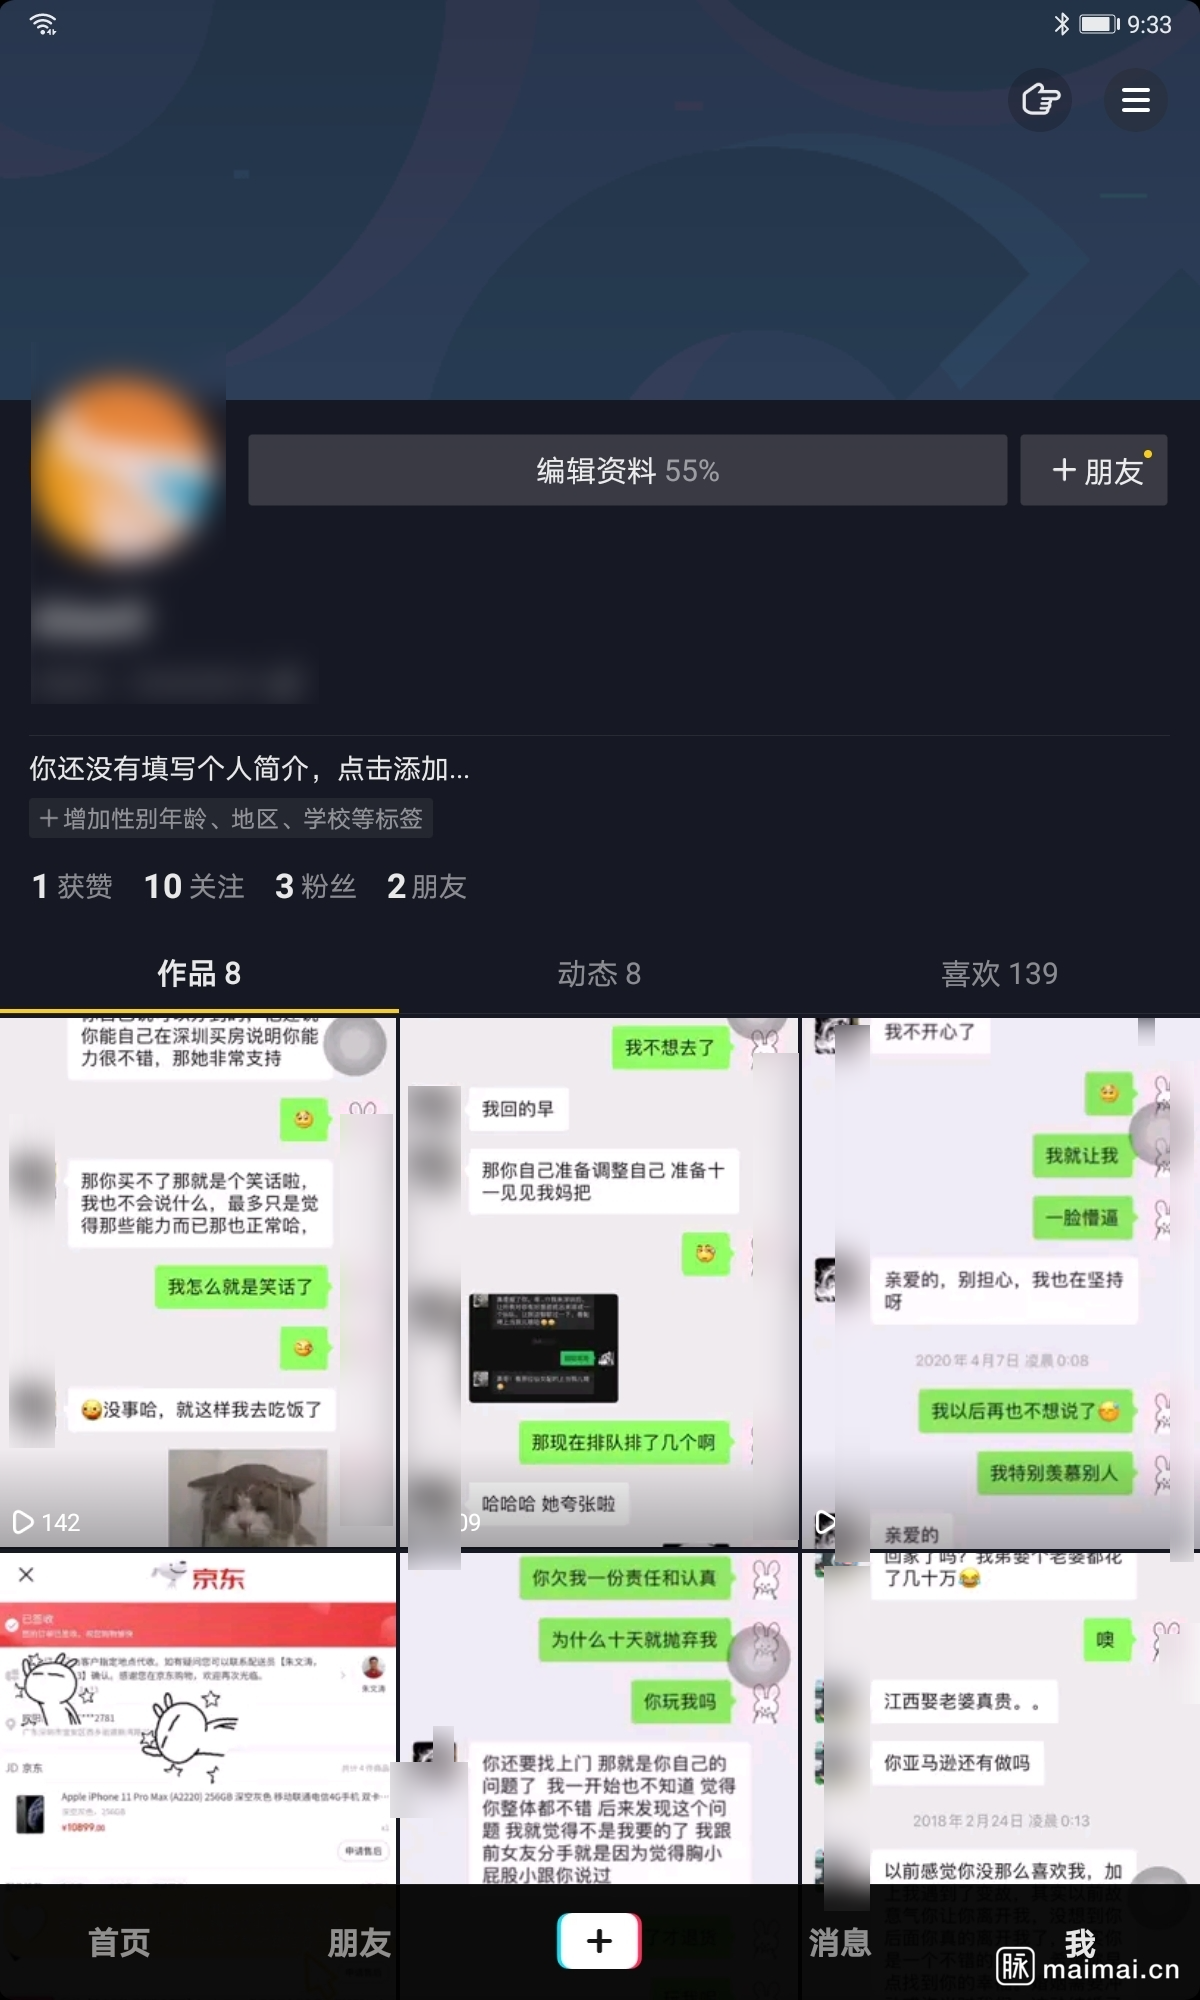 #腾讯渣男腾讯ieg渣男 ****骗色骗感情骗钱pua …插图(1)